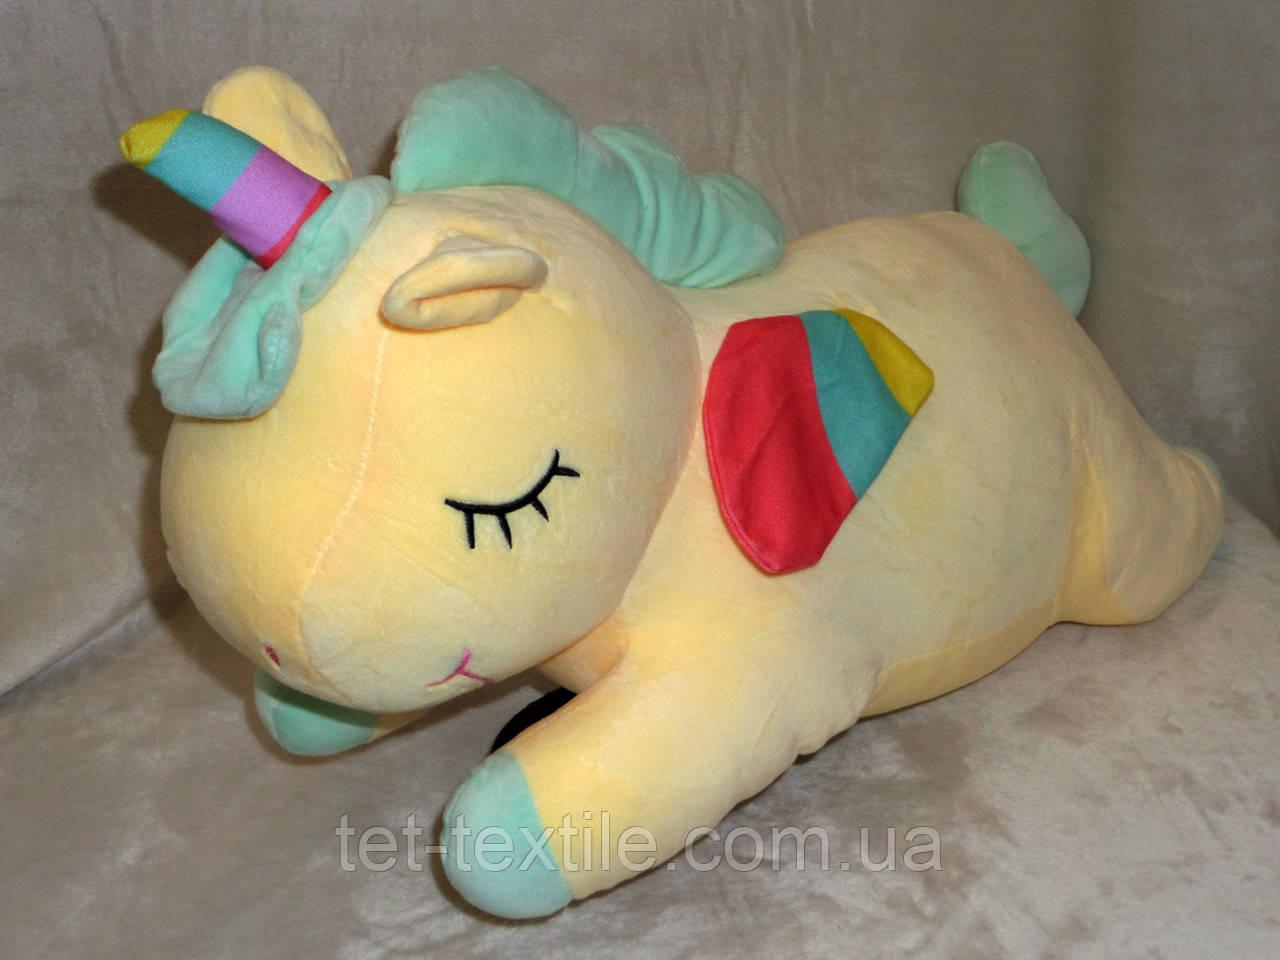 """Плед - мягкая игрушка """"Единорог"""" желтый"""